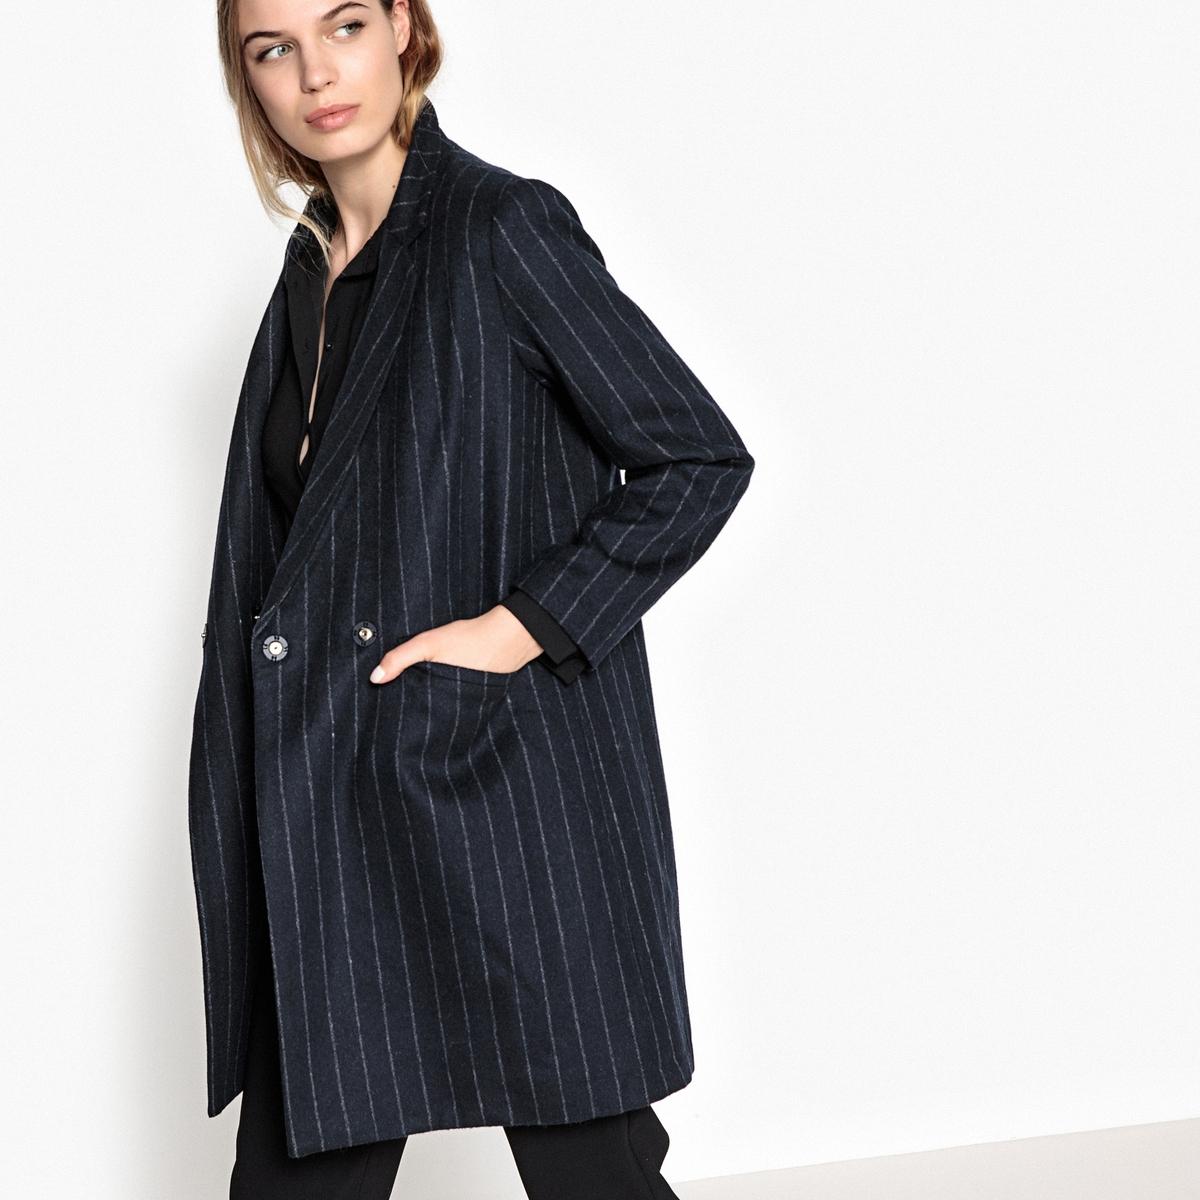 Пальто средней длины, 50% шерстиОписание:Пальто в полоску средней длины SUNCOO из смесовой шерстяной ткани. Всем понравится его костюмный покрой, строгий и элегантный. Костюмный воротник, застежка на пуговицы, 2 прорезных кармана. Детали •  Длина : средняя •  Воротник-поло, рубашечный  •  Рисунок в полоску • Застежка на пуговицыСостав и уход •  50% шерсти, 50% полиэстера •  Подкладка : 100% полиэстер •  Следуйте рекомендациям по уходу, указанным на этикетке изделия<br><br>Цвет: в полоску темно-синий/белый<br>Размер: M